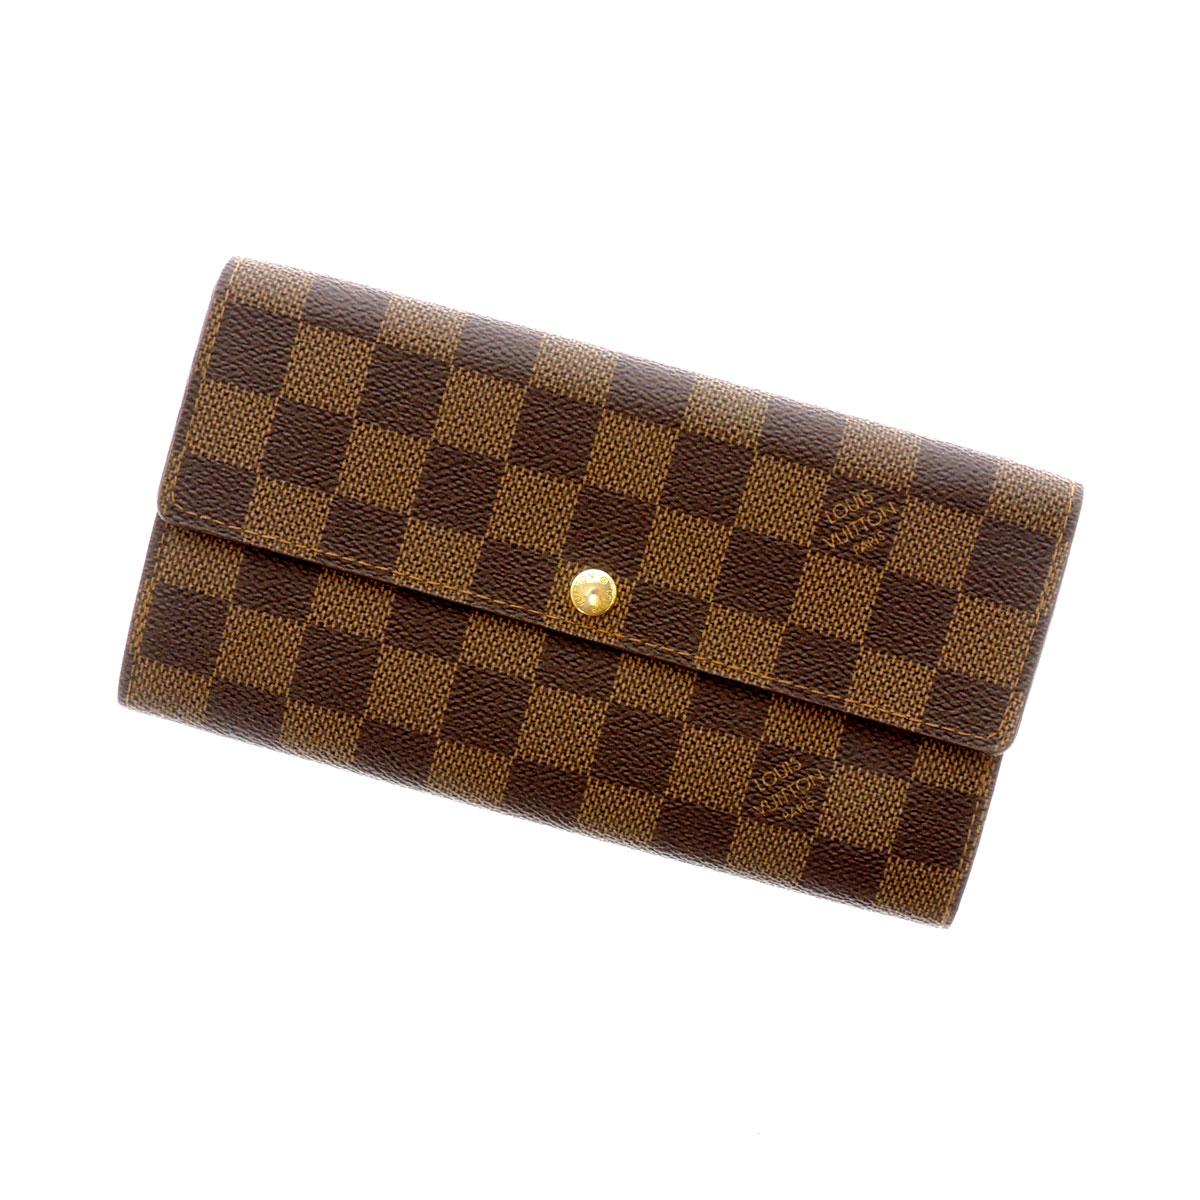 LOUIS VUITTON Damier wallet-Sarah N61724 wallet (purse and) Damier Canvas unisex